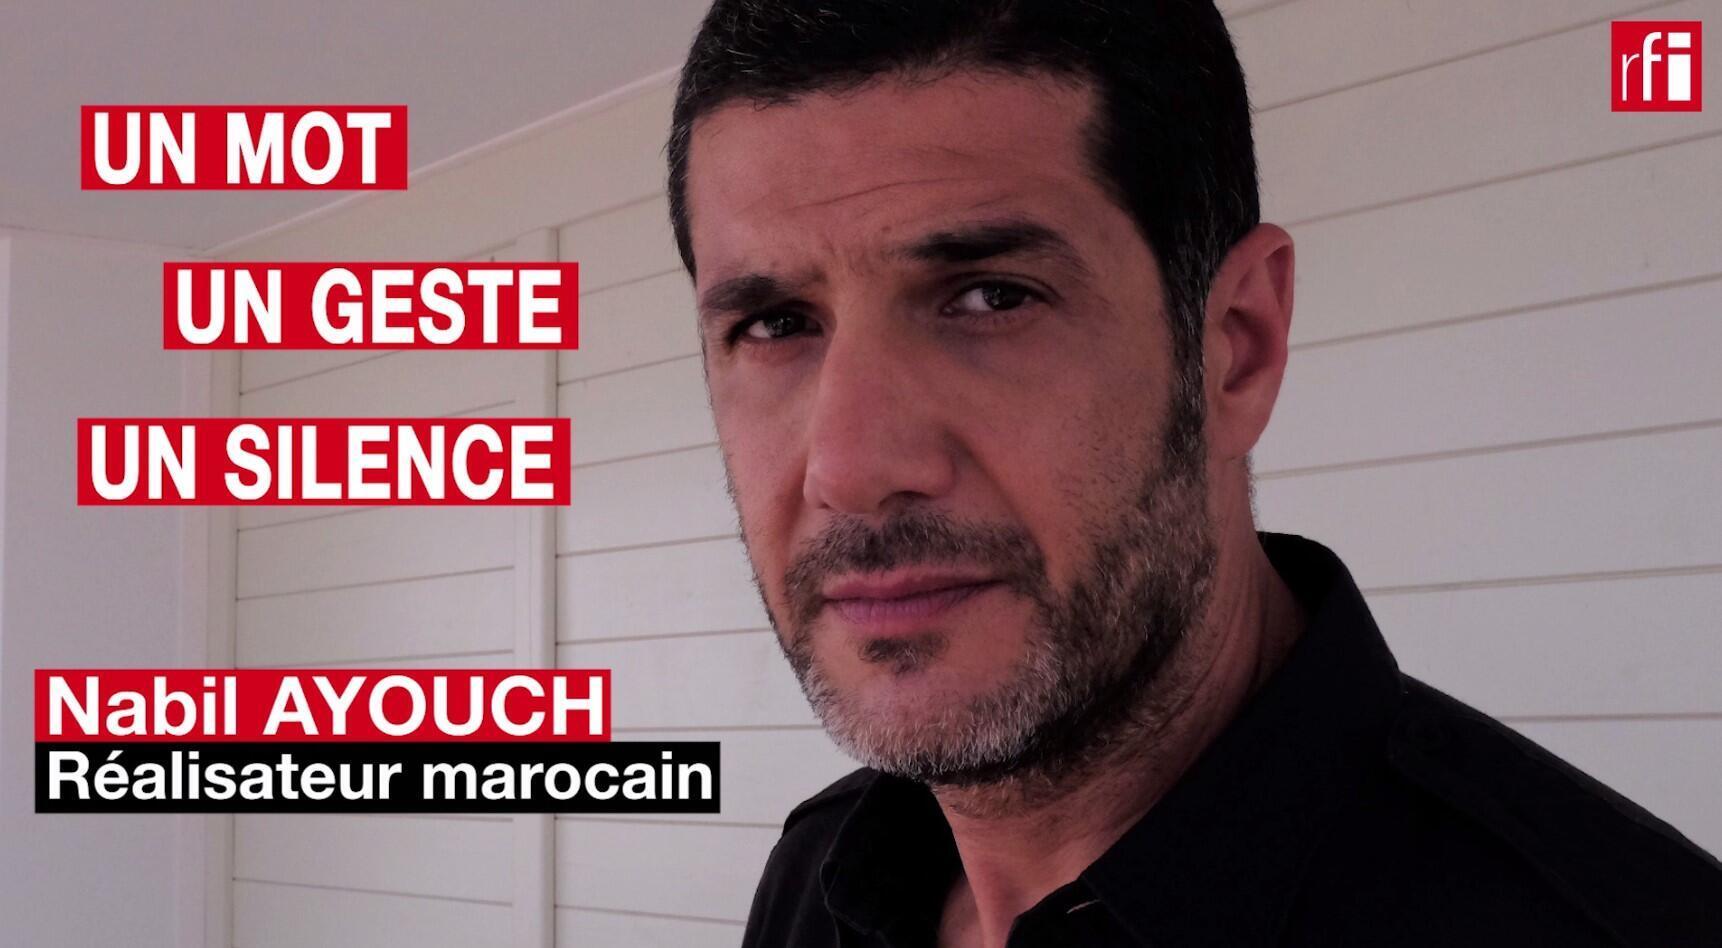 Le cinéaste marocain Nabil Ayouch, réalisateur de « Haut et fort » au Festival de Cannes 2021. © Siegfried Forster / RFI